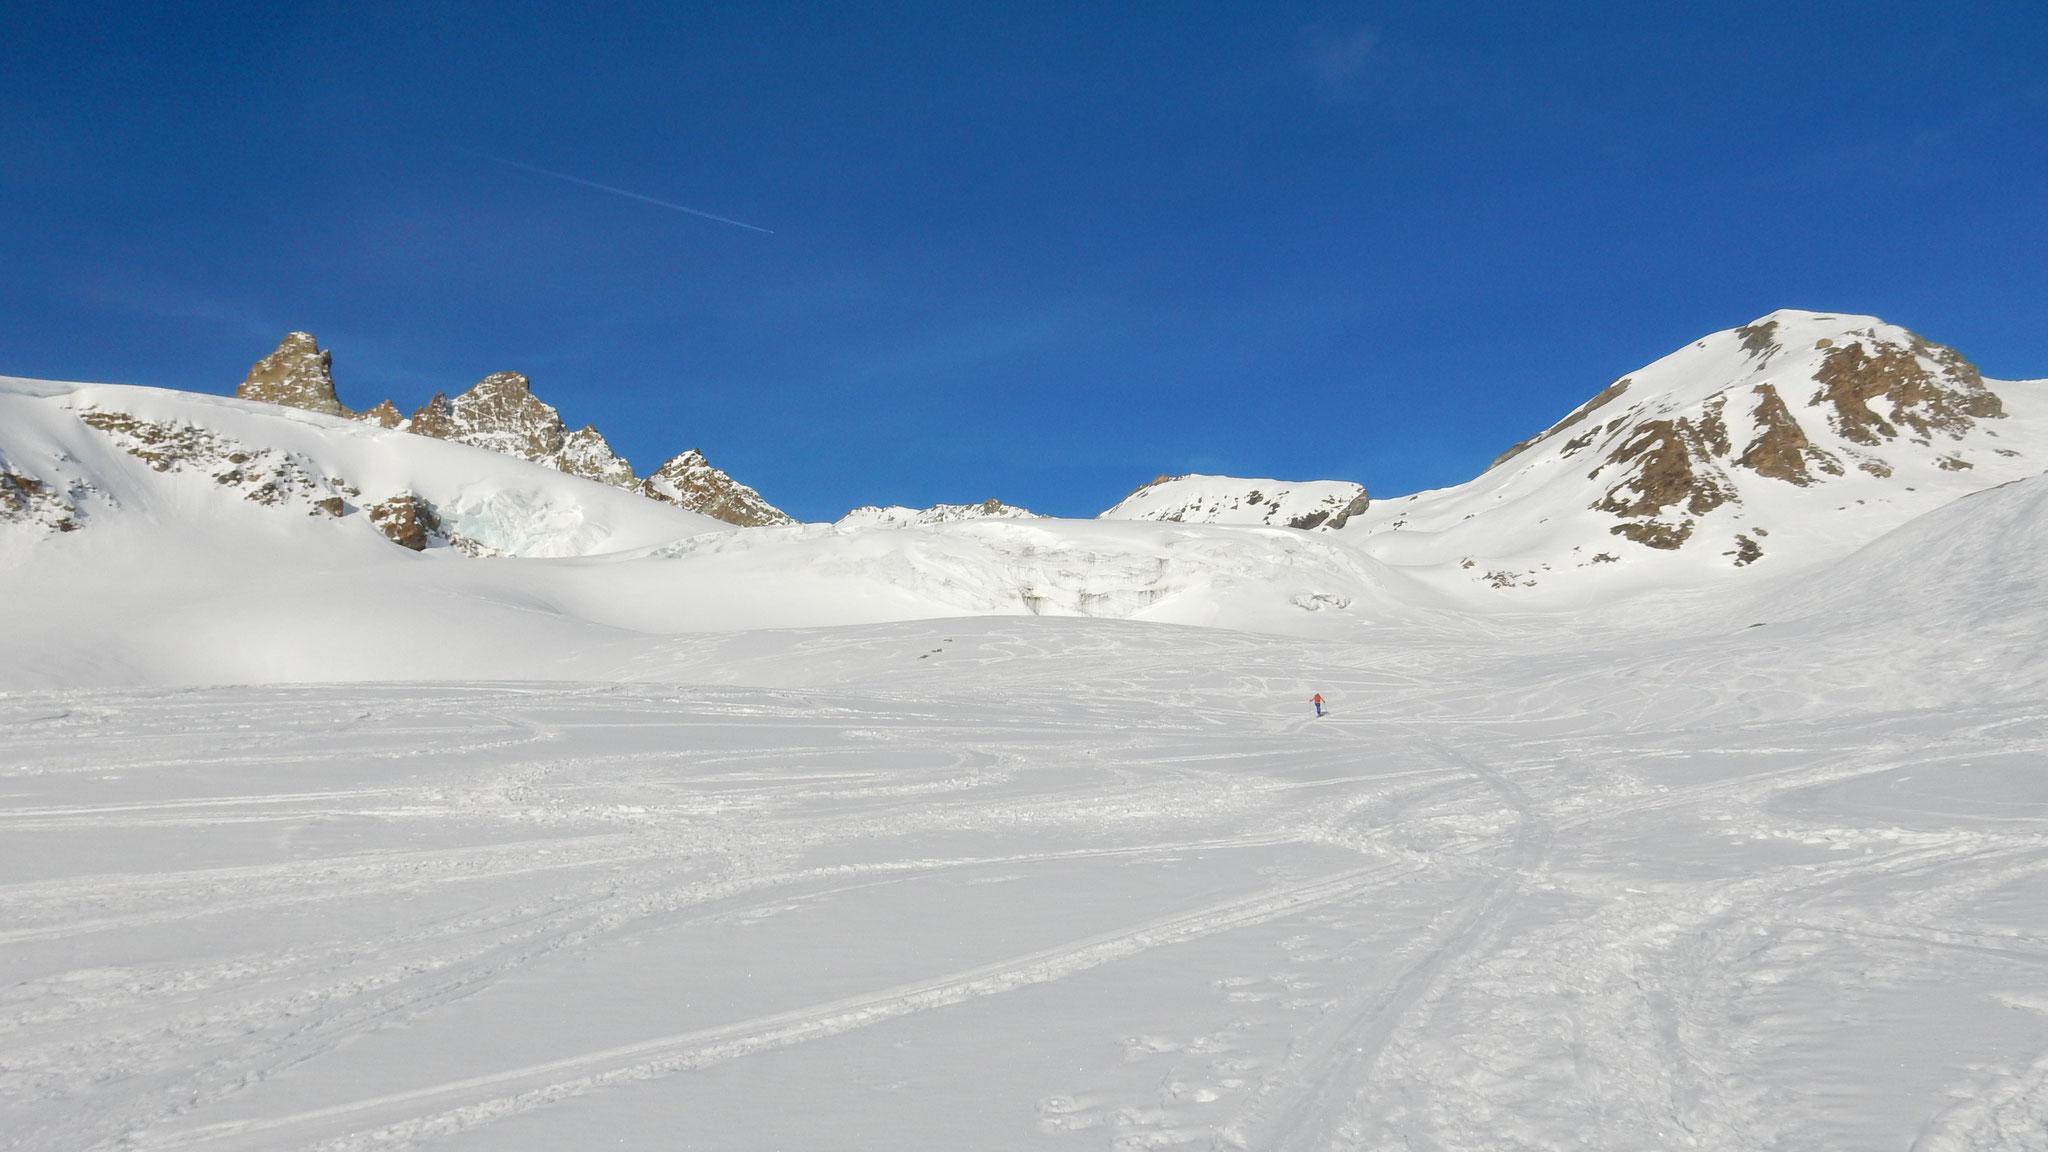 wir steigen zum Col de Darbonneire hoch